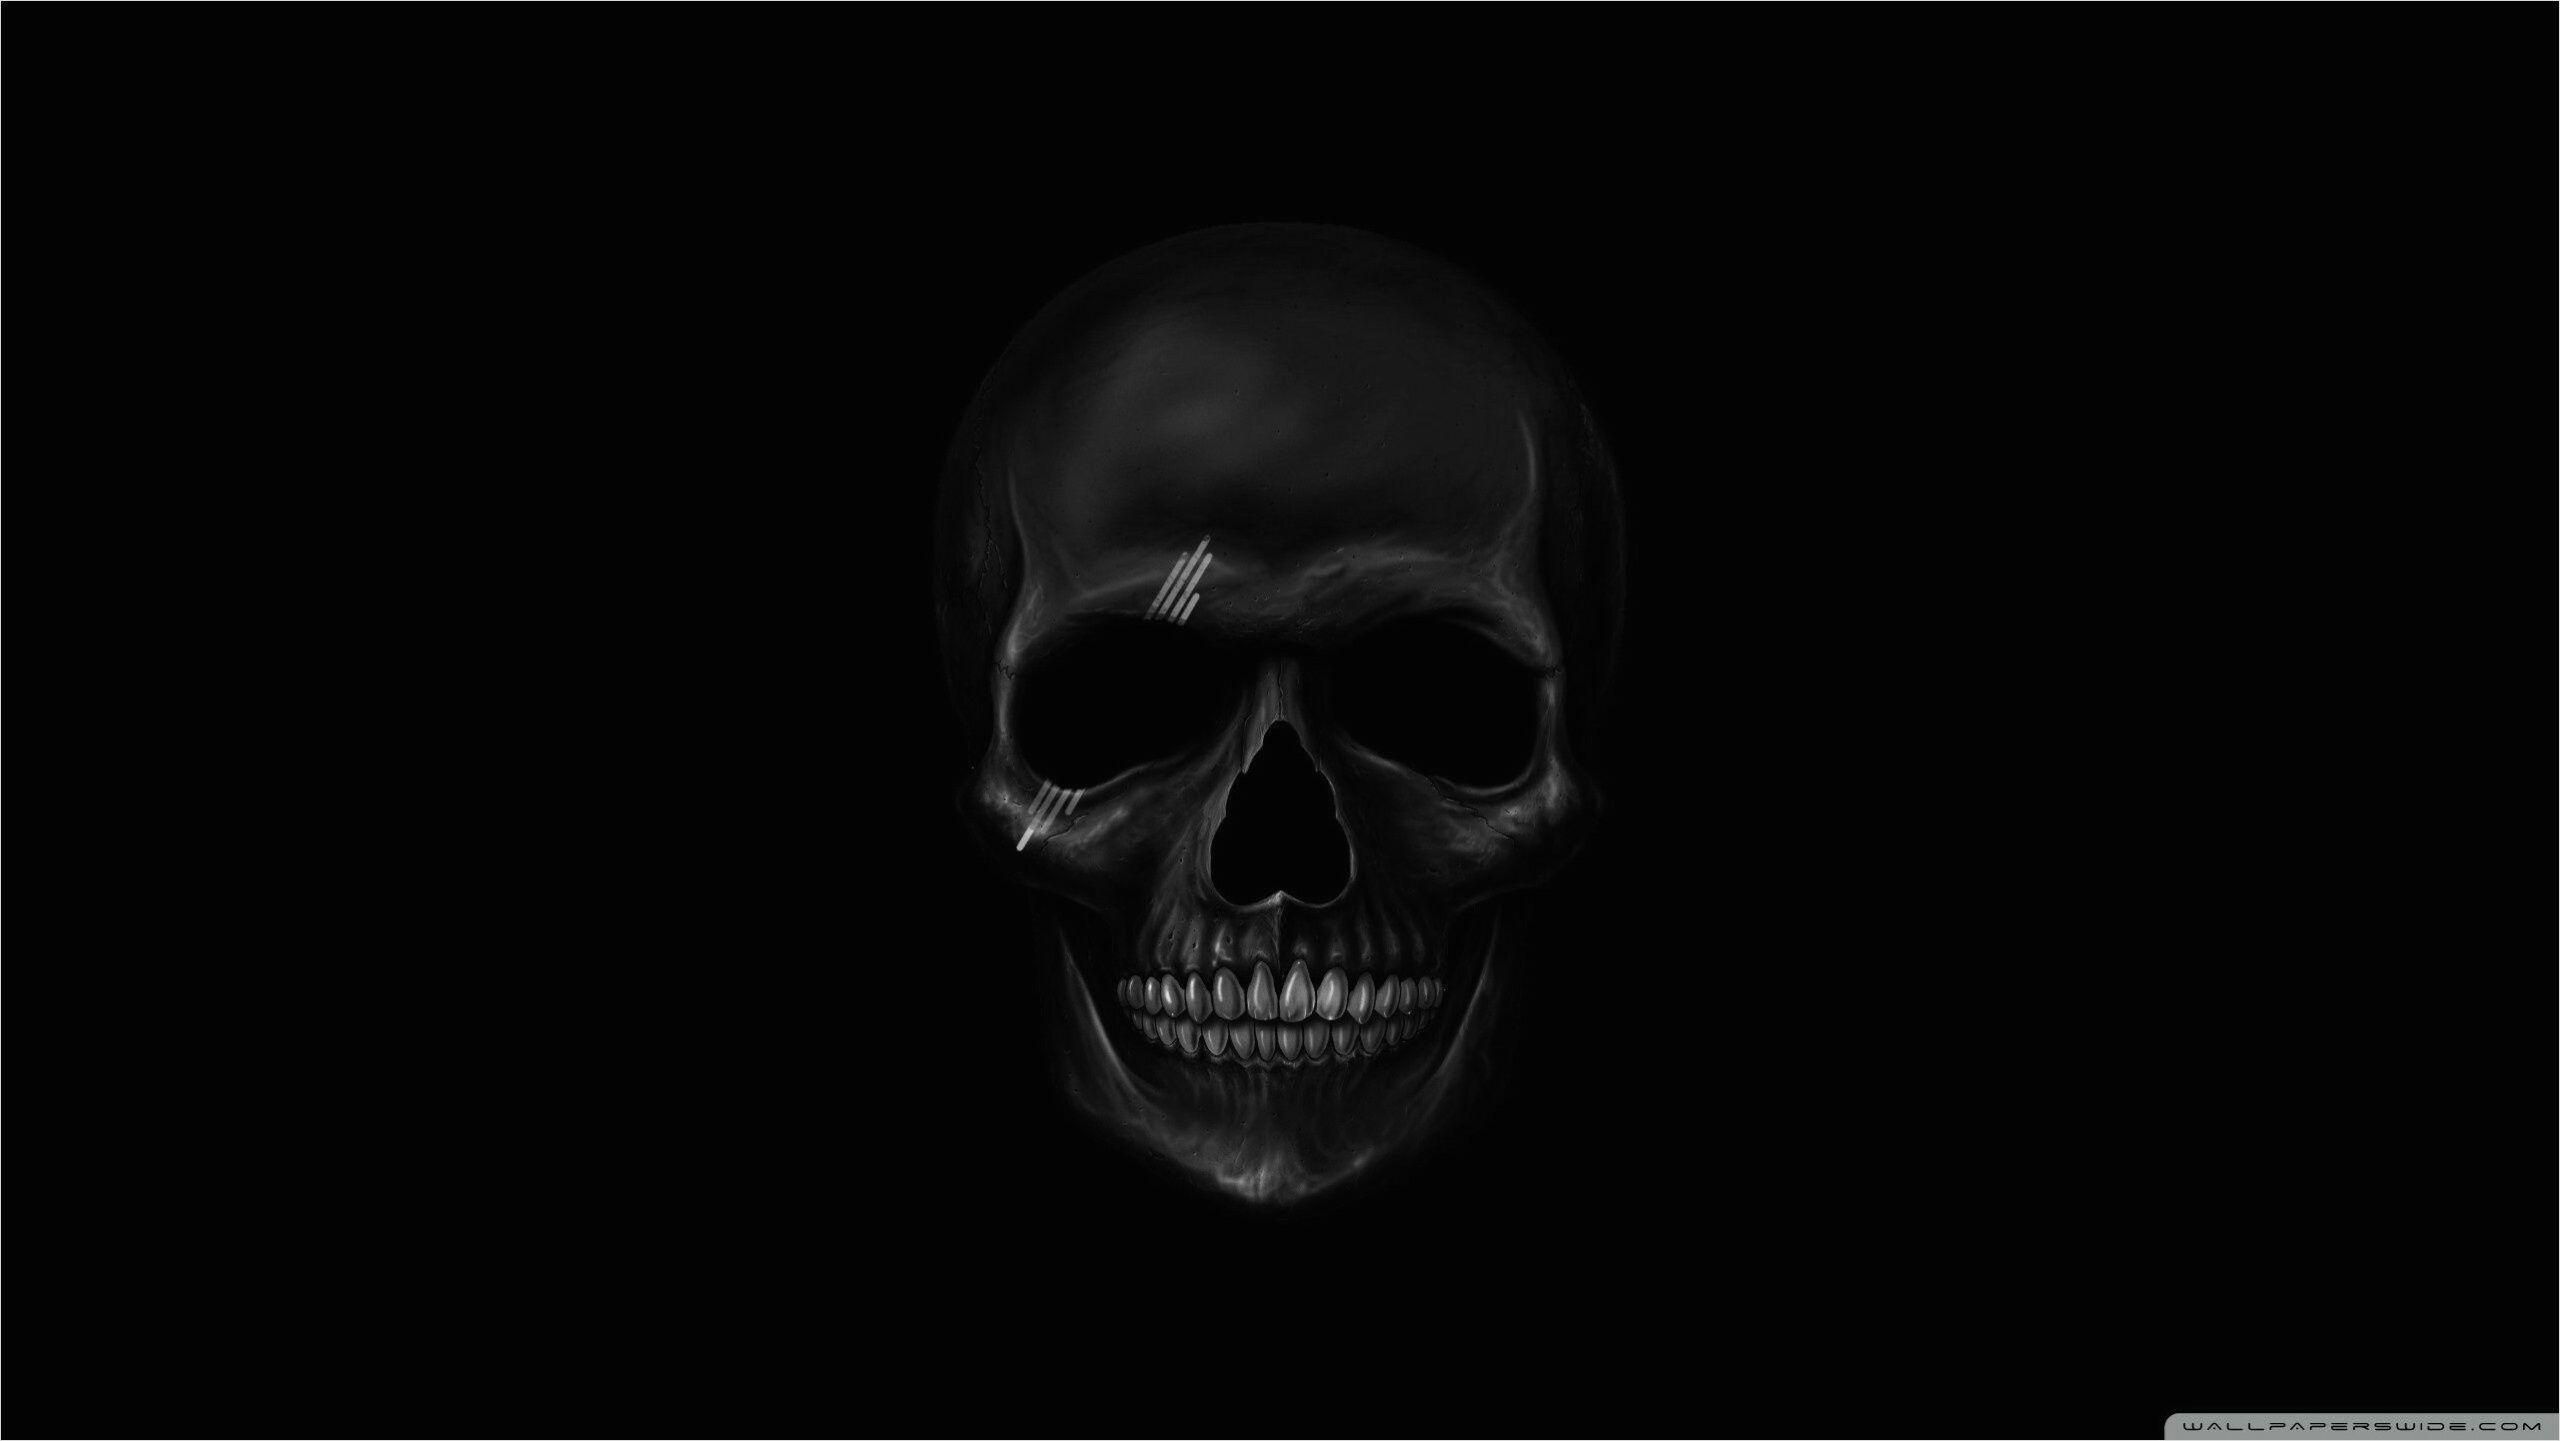 4k Black 3mb Wallpaper Skull Wallpaper Hd Skull Wallpapers Black Background Wallpaper